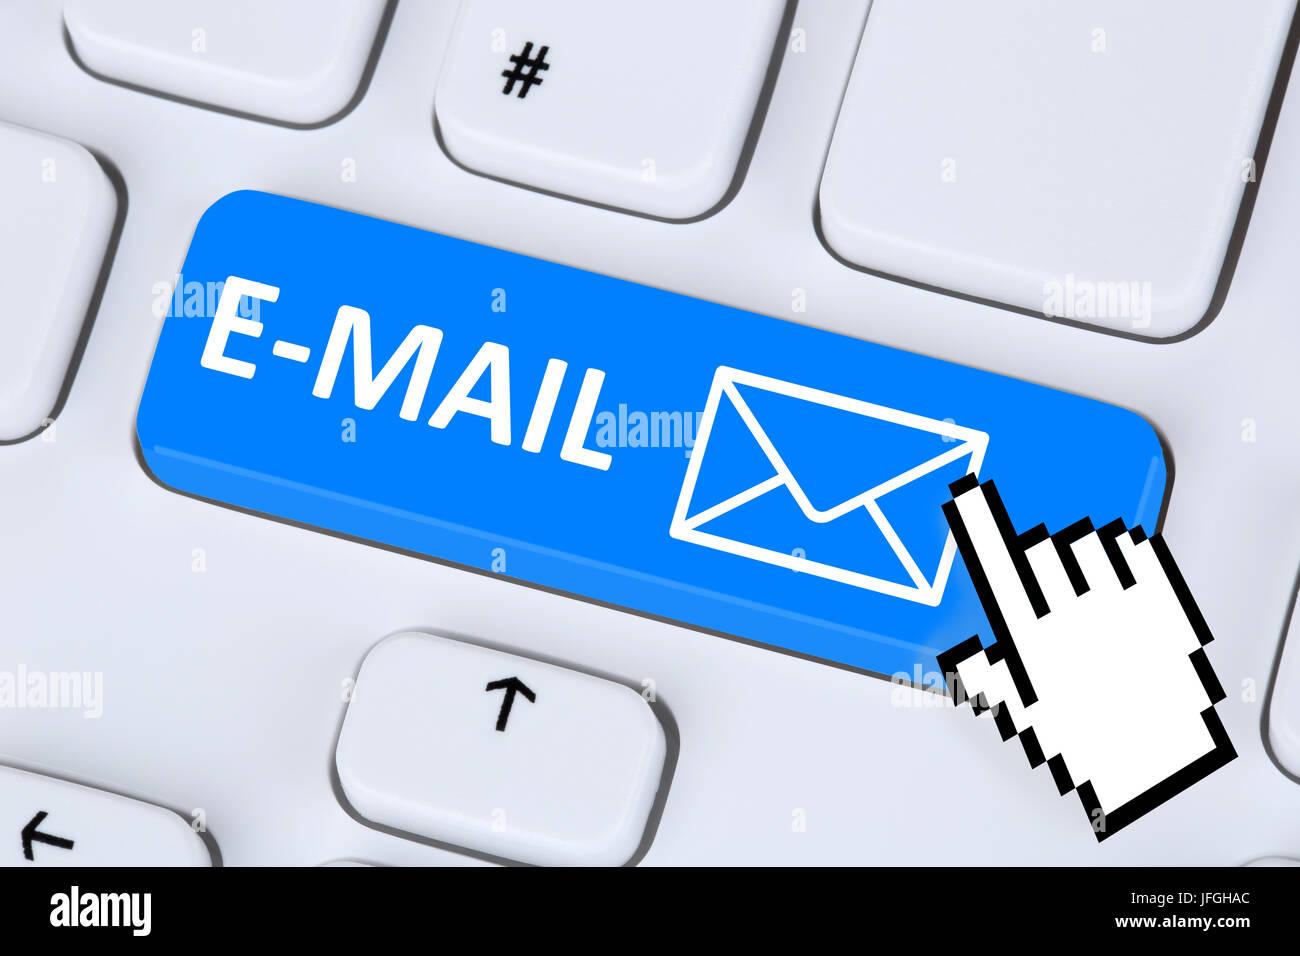 E-Mail Nachricht Message senden auf Computer Tastatur - Stock Image